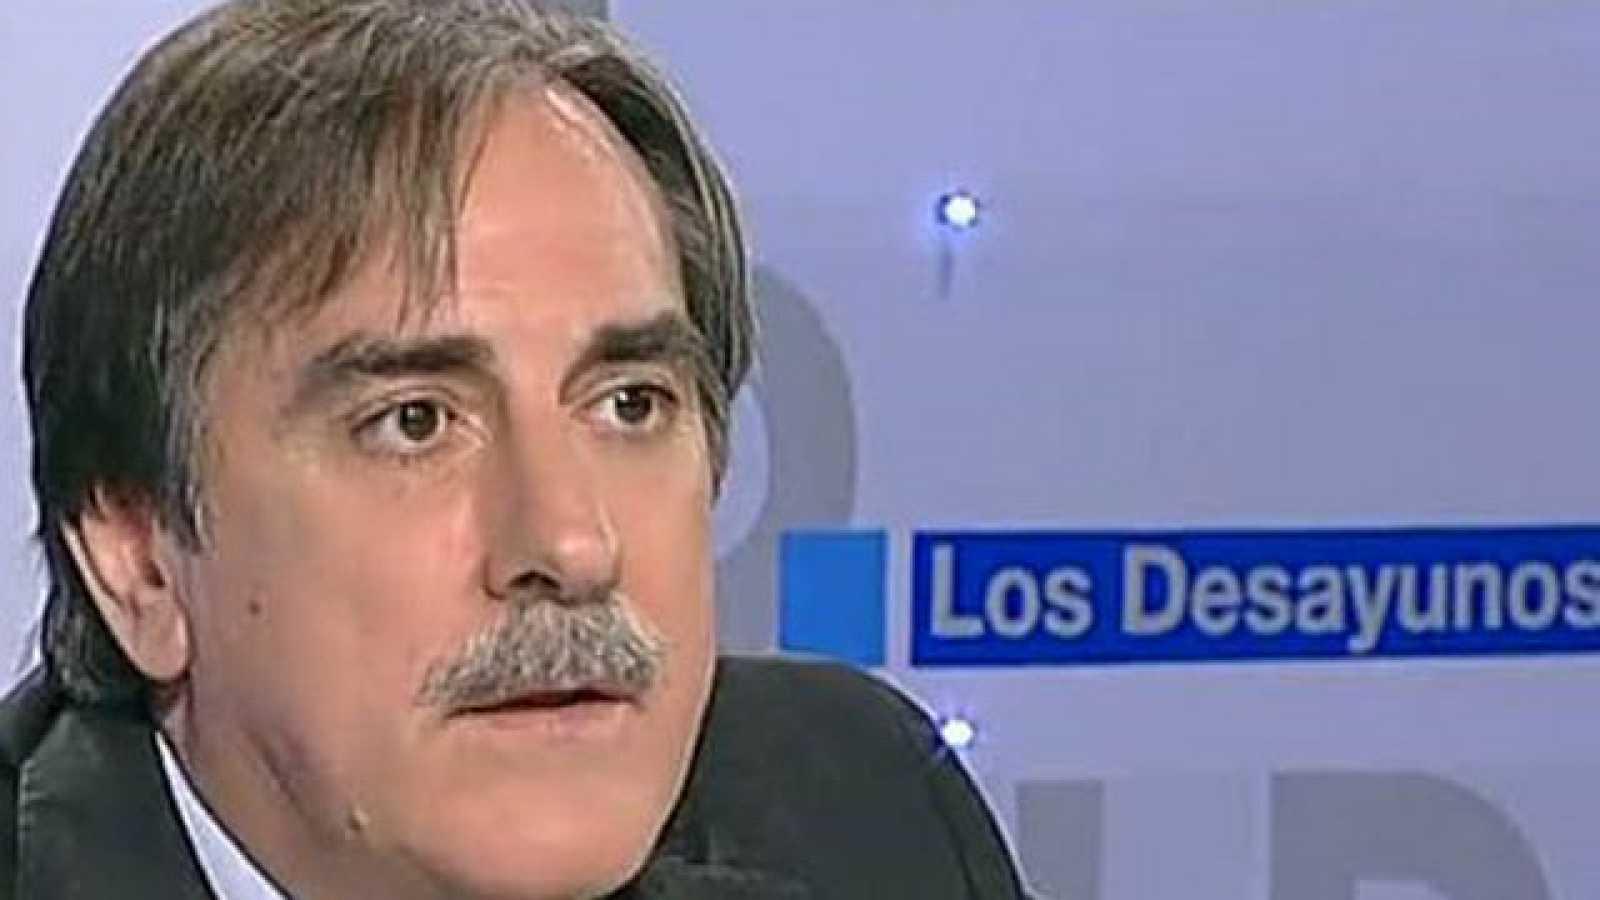 """El ministro de Trabajo e Inmigración, Valeriano Gómez, ha señalado que el nuevo plan contra el empleo sumergido que el Gobierno espera aprobar en el Consejo de Ministros de este viernes, no comprende """"una amnistía"""" para las empresas"""